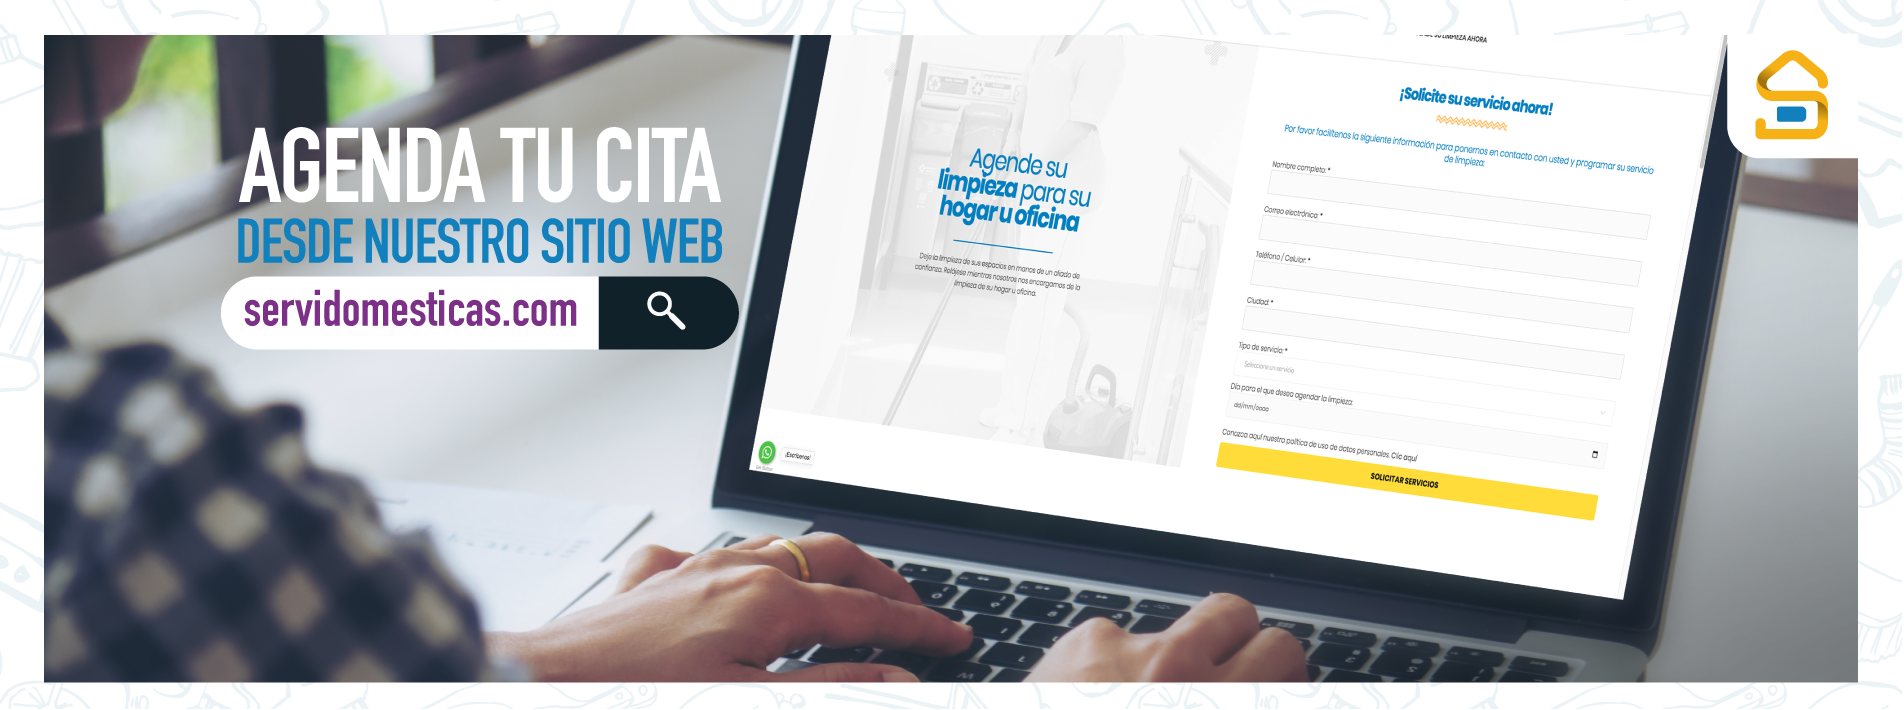 Agenda Cita Online